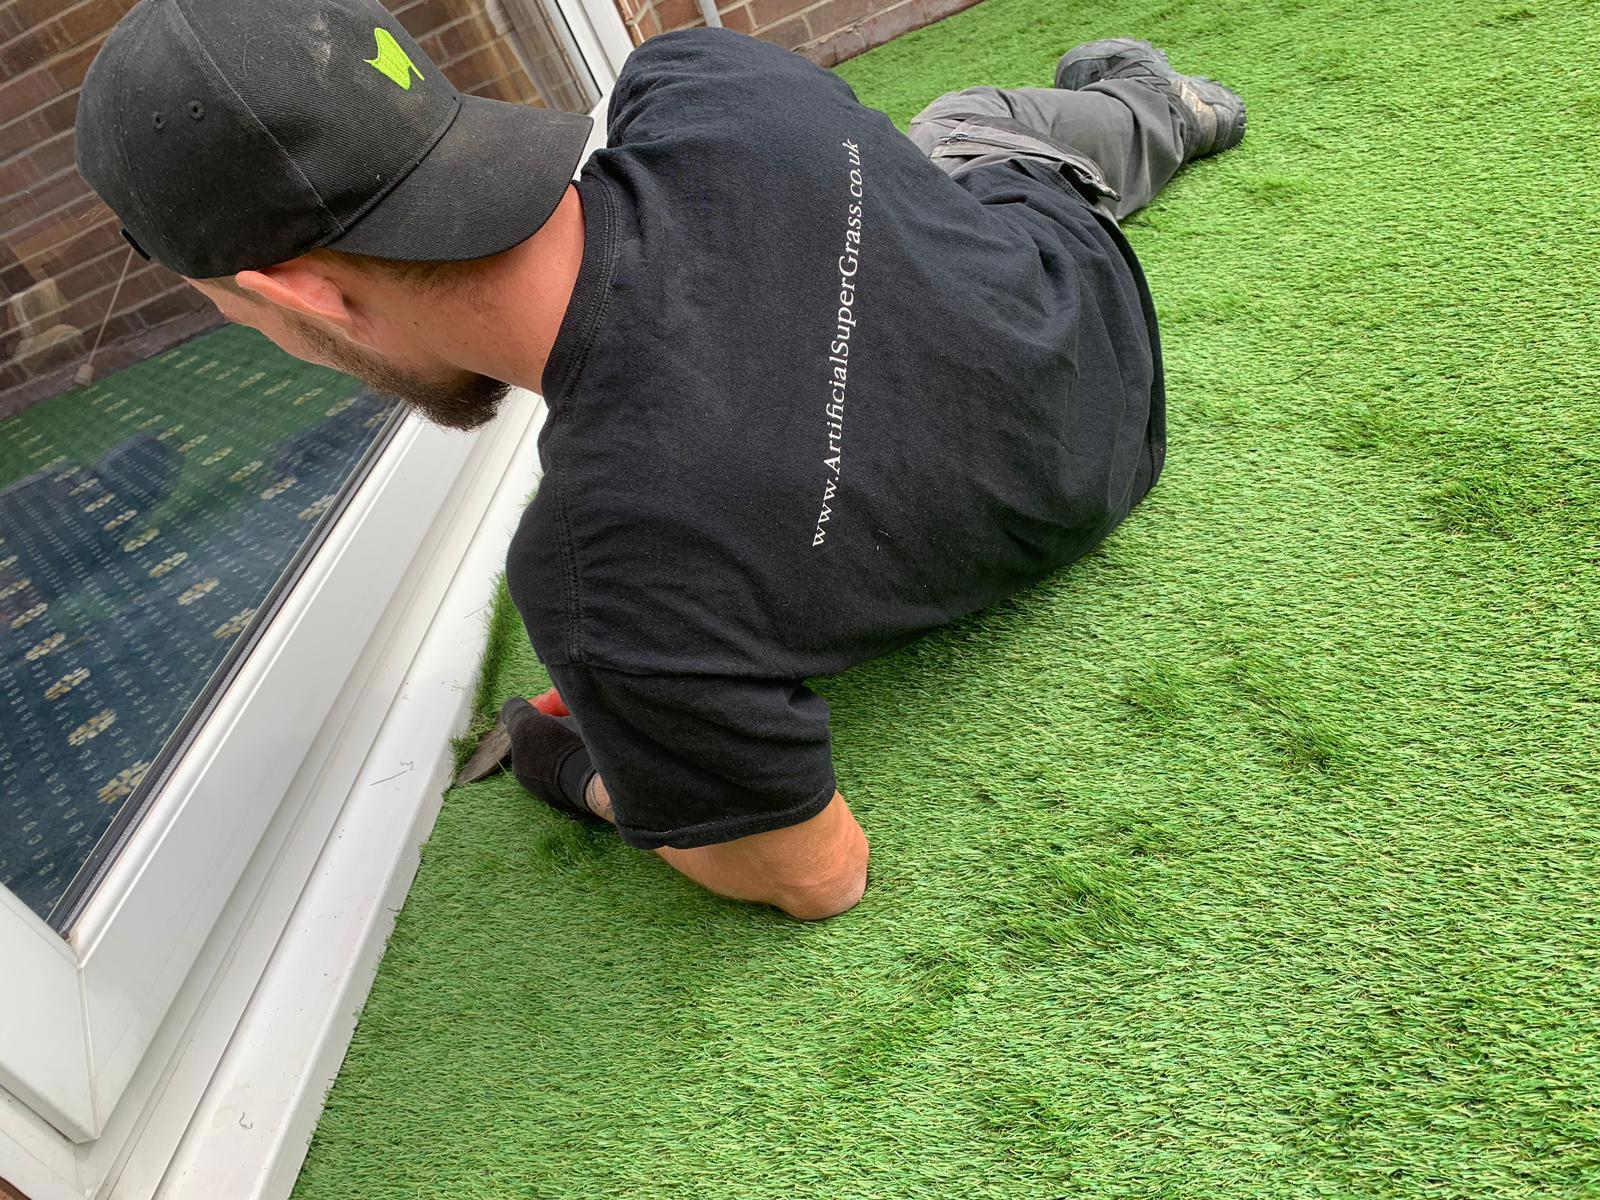 Best Artificial Grass Wakefield Artificial Super Grass